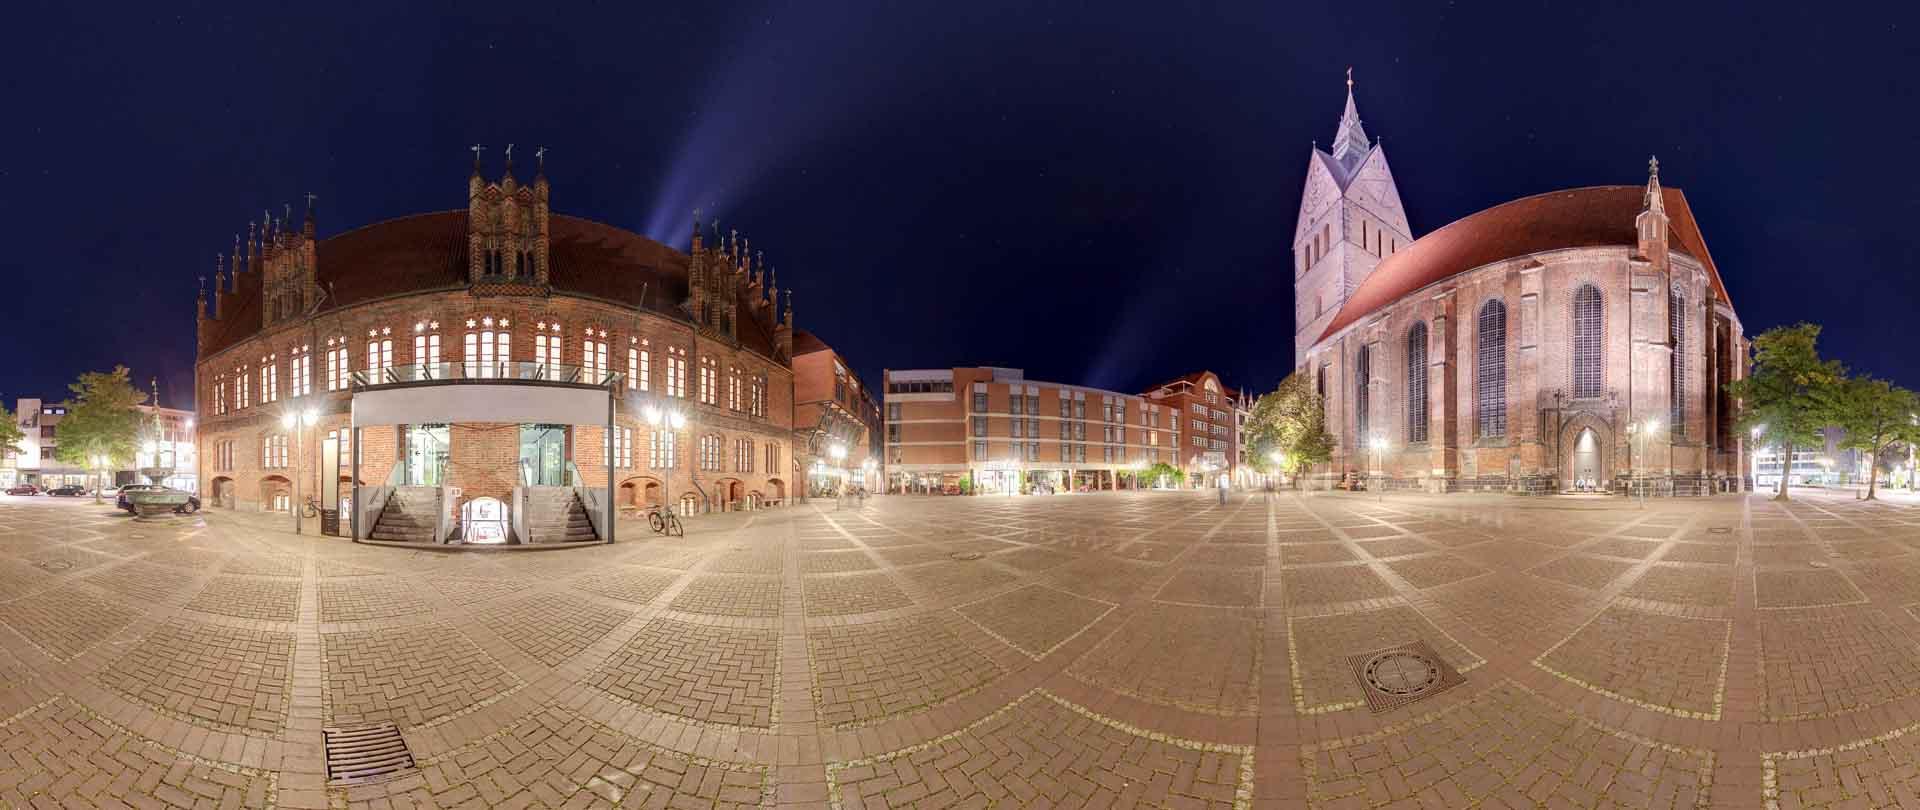 virtual tour 360 foto panoramiche città monumenti attrazioni turistiche